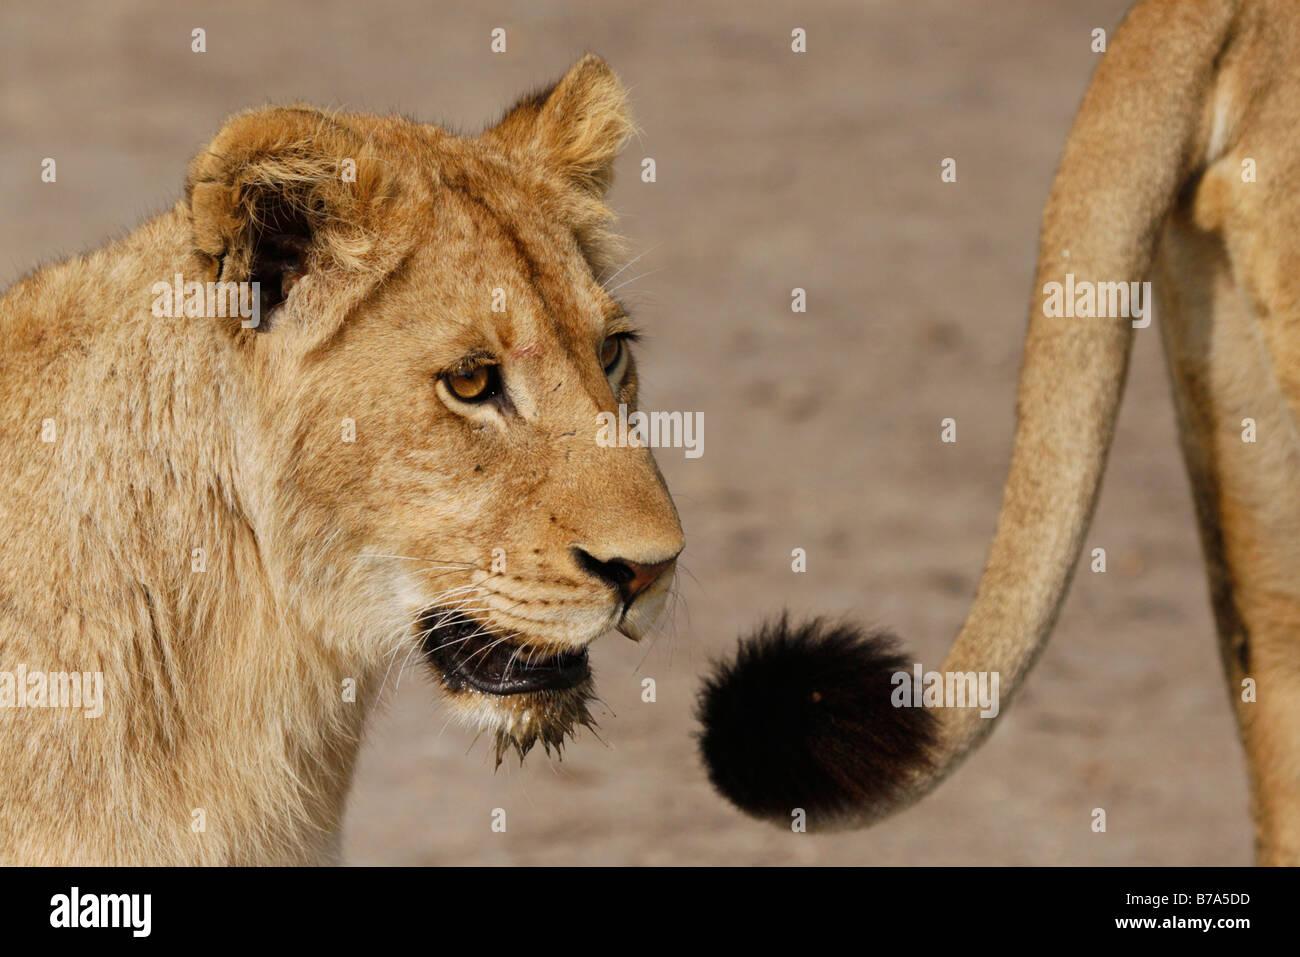 close up of a lion cub et la pointe d 39 une queue lions banque d 39 images photo stock 21736777 alamy. Black Bedroom Furniture Sets. Home Design Ideas